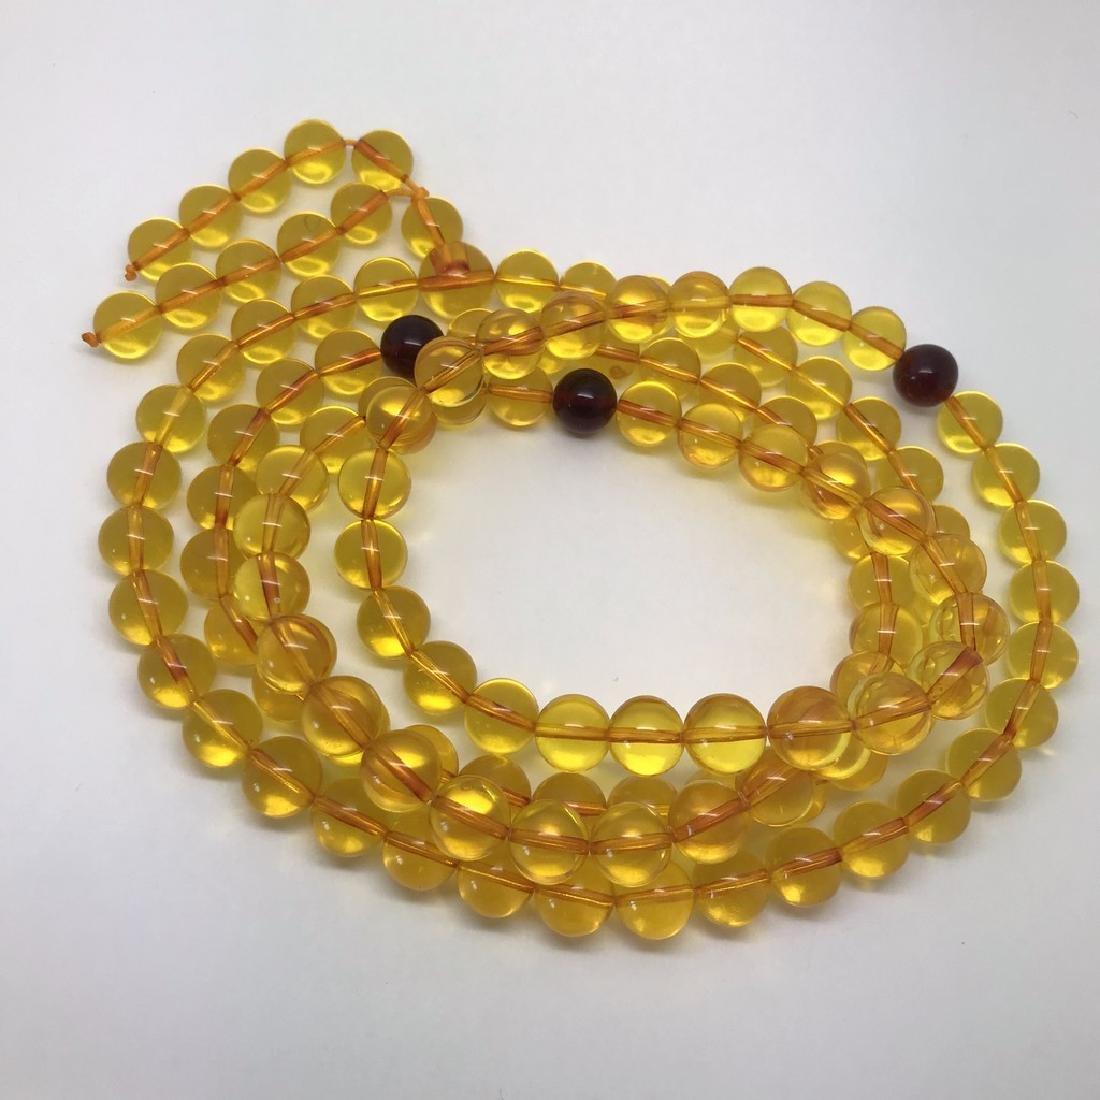 Tibetan japa mala Baltic amber golden 108 beads ø10mm - 4